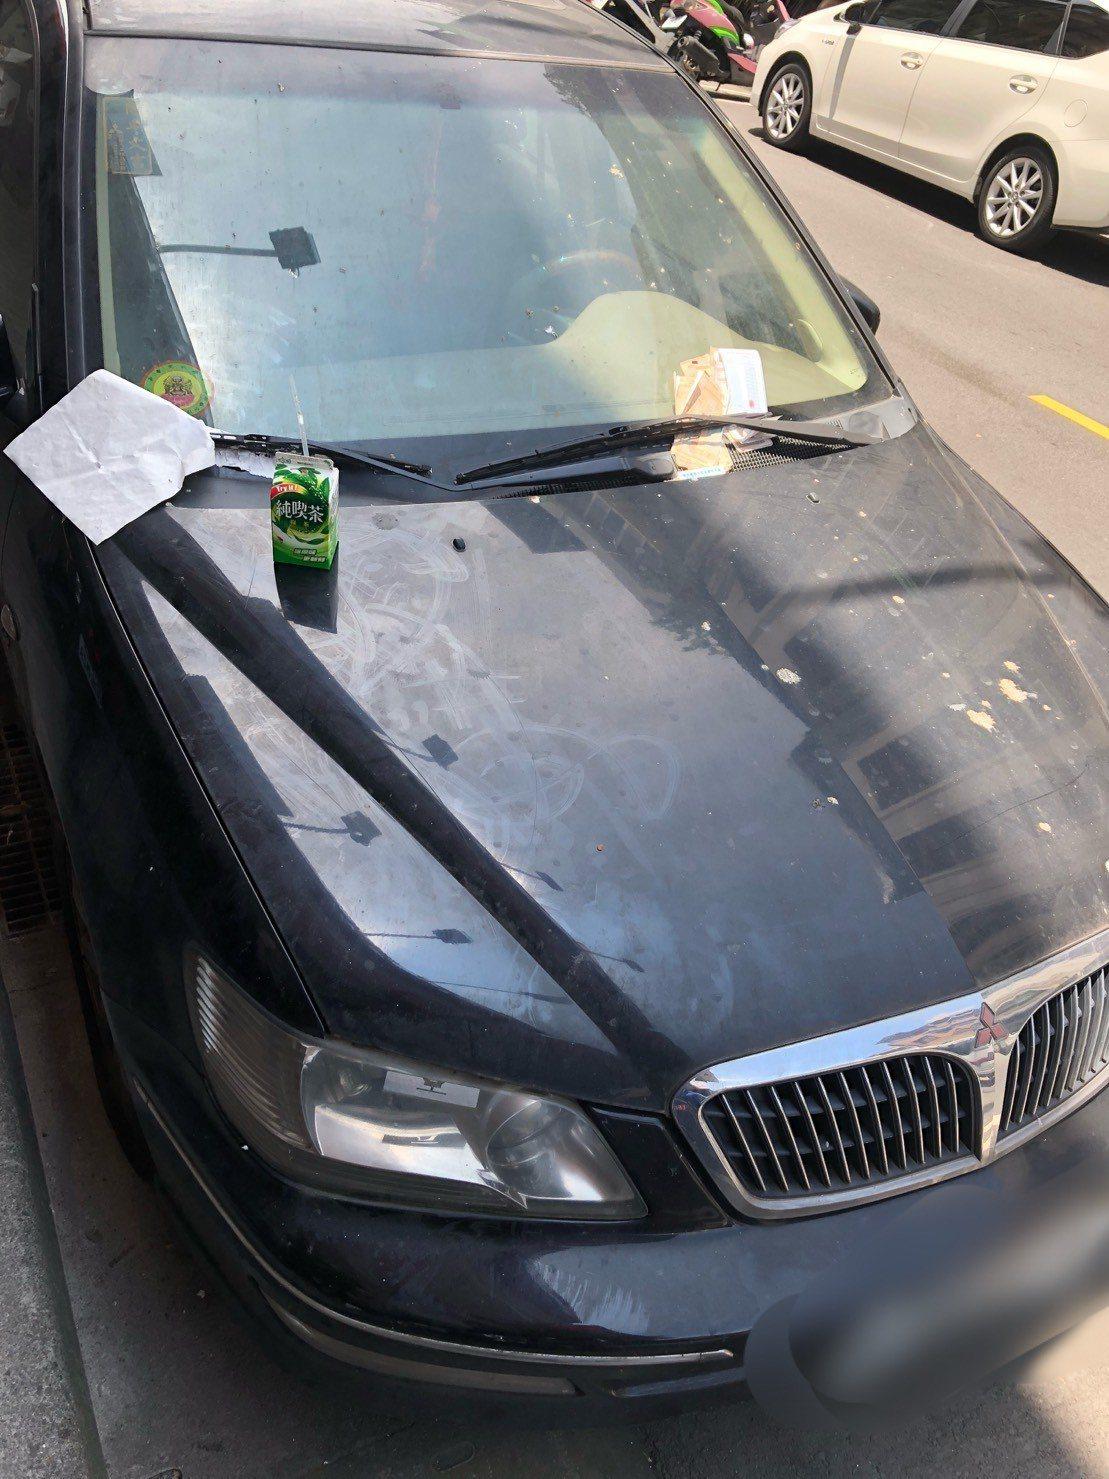 台北市議員王閔生今在市議會交通部門質詢時爆料,指自己選區有輛車一停就是252天,...